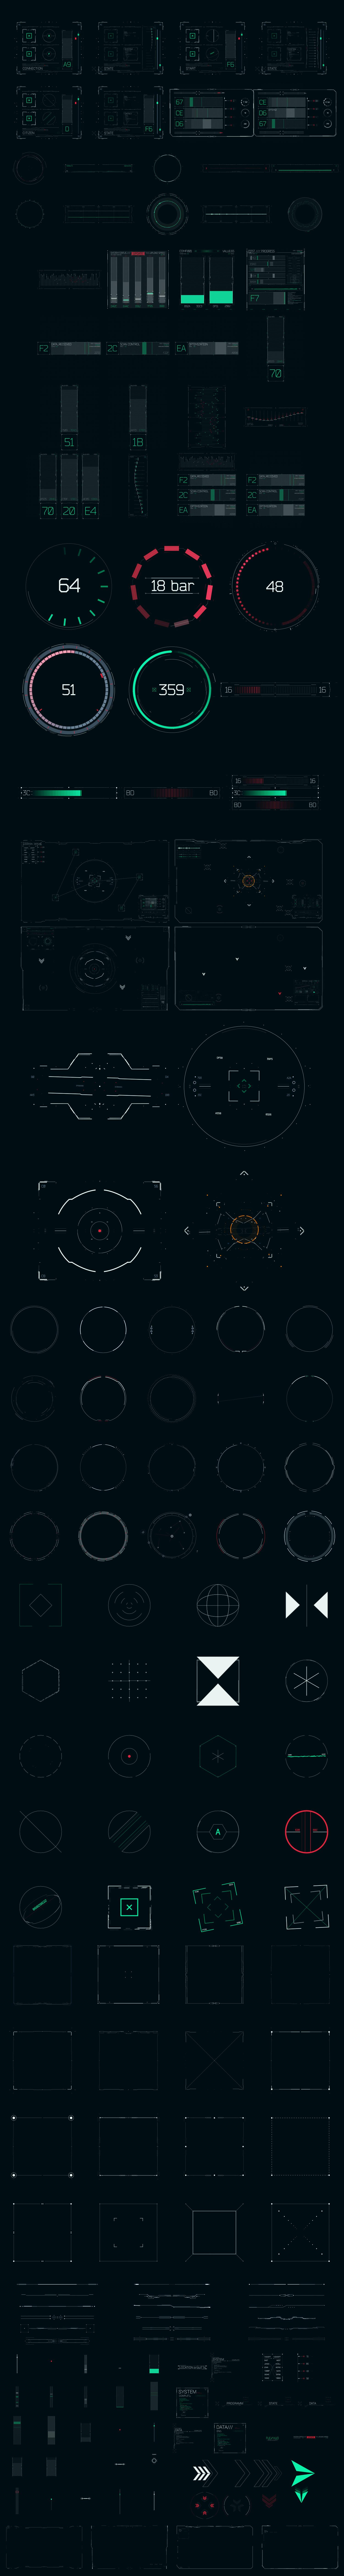 FUI HUD设计元素-2